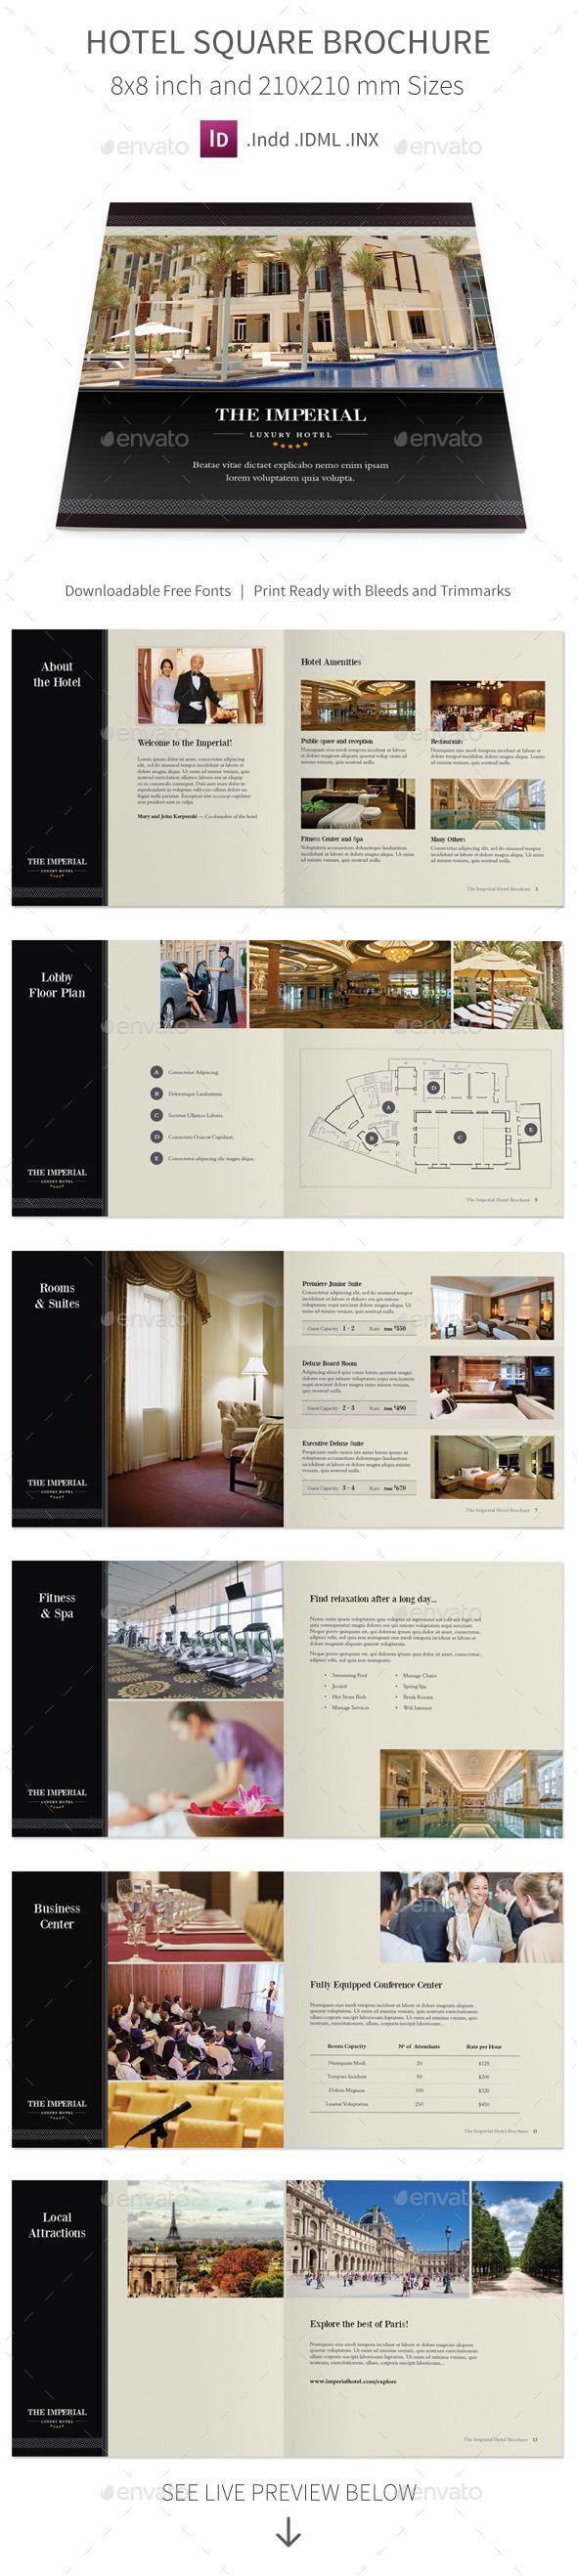 Hotel Square Brochure | Restaurant, Quadrate und Stil